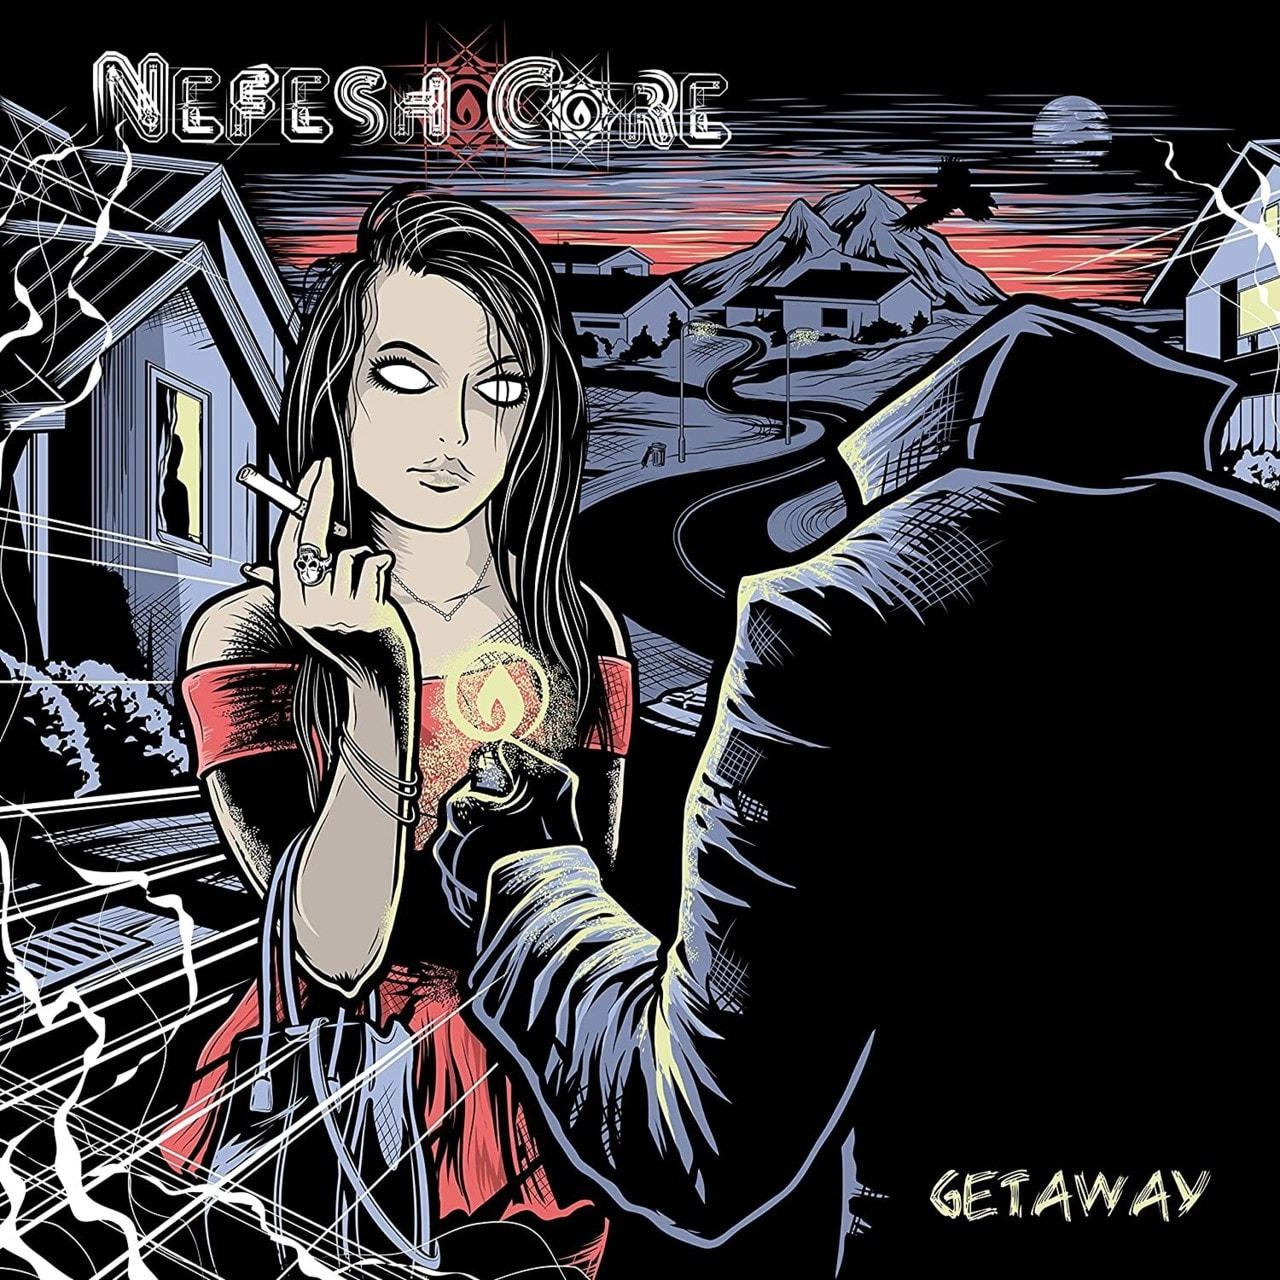 Getaway - 1